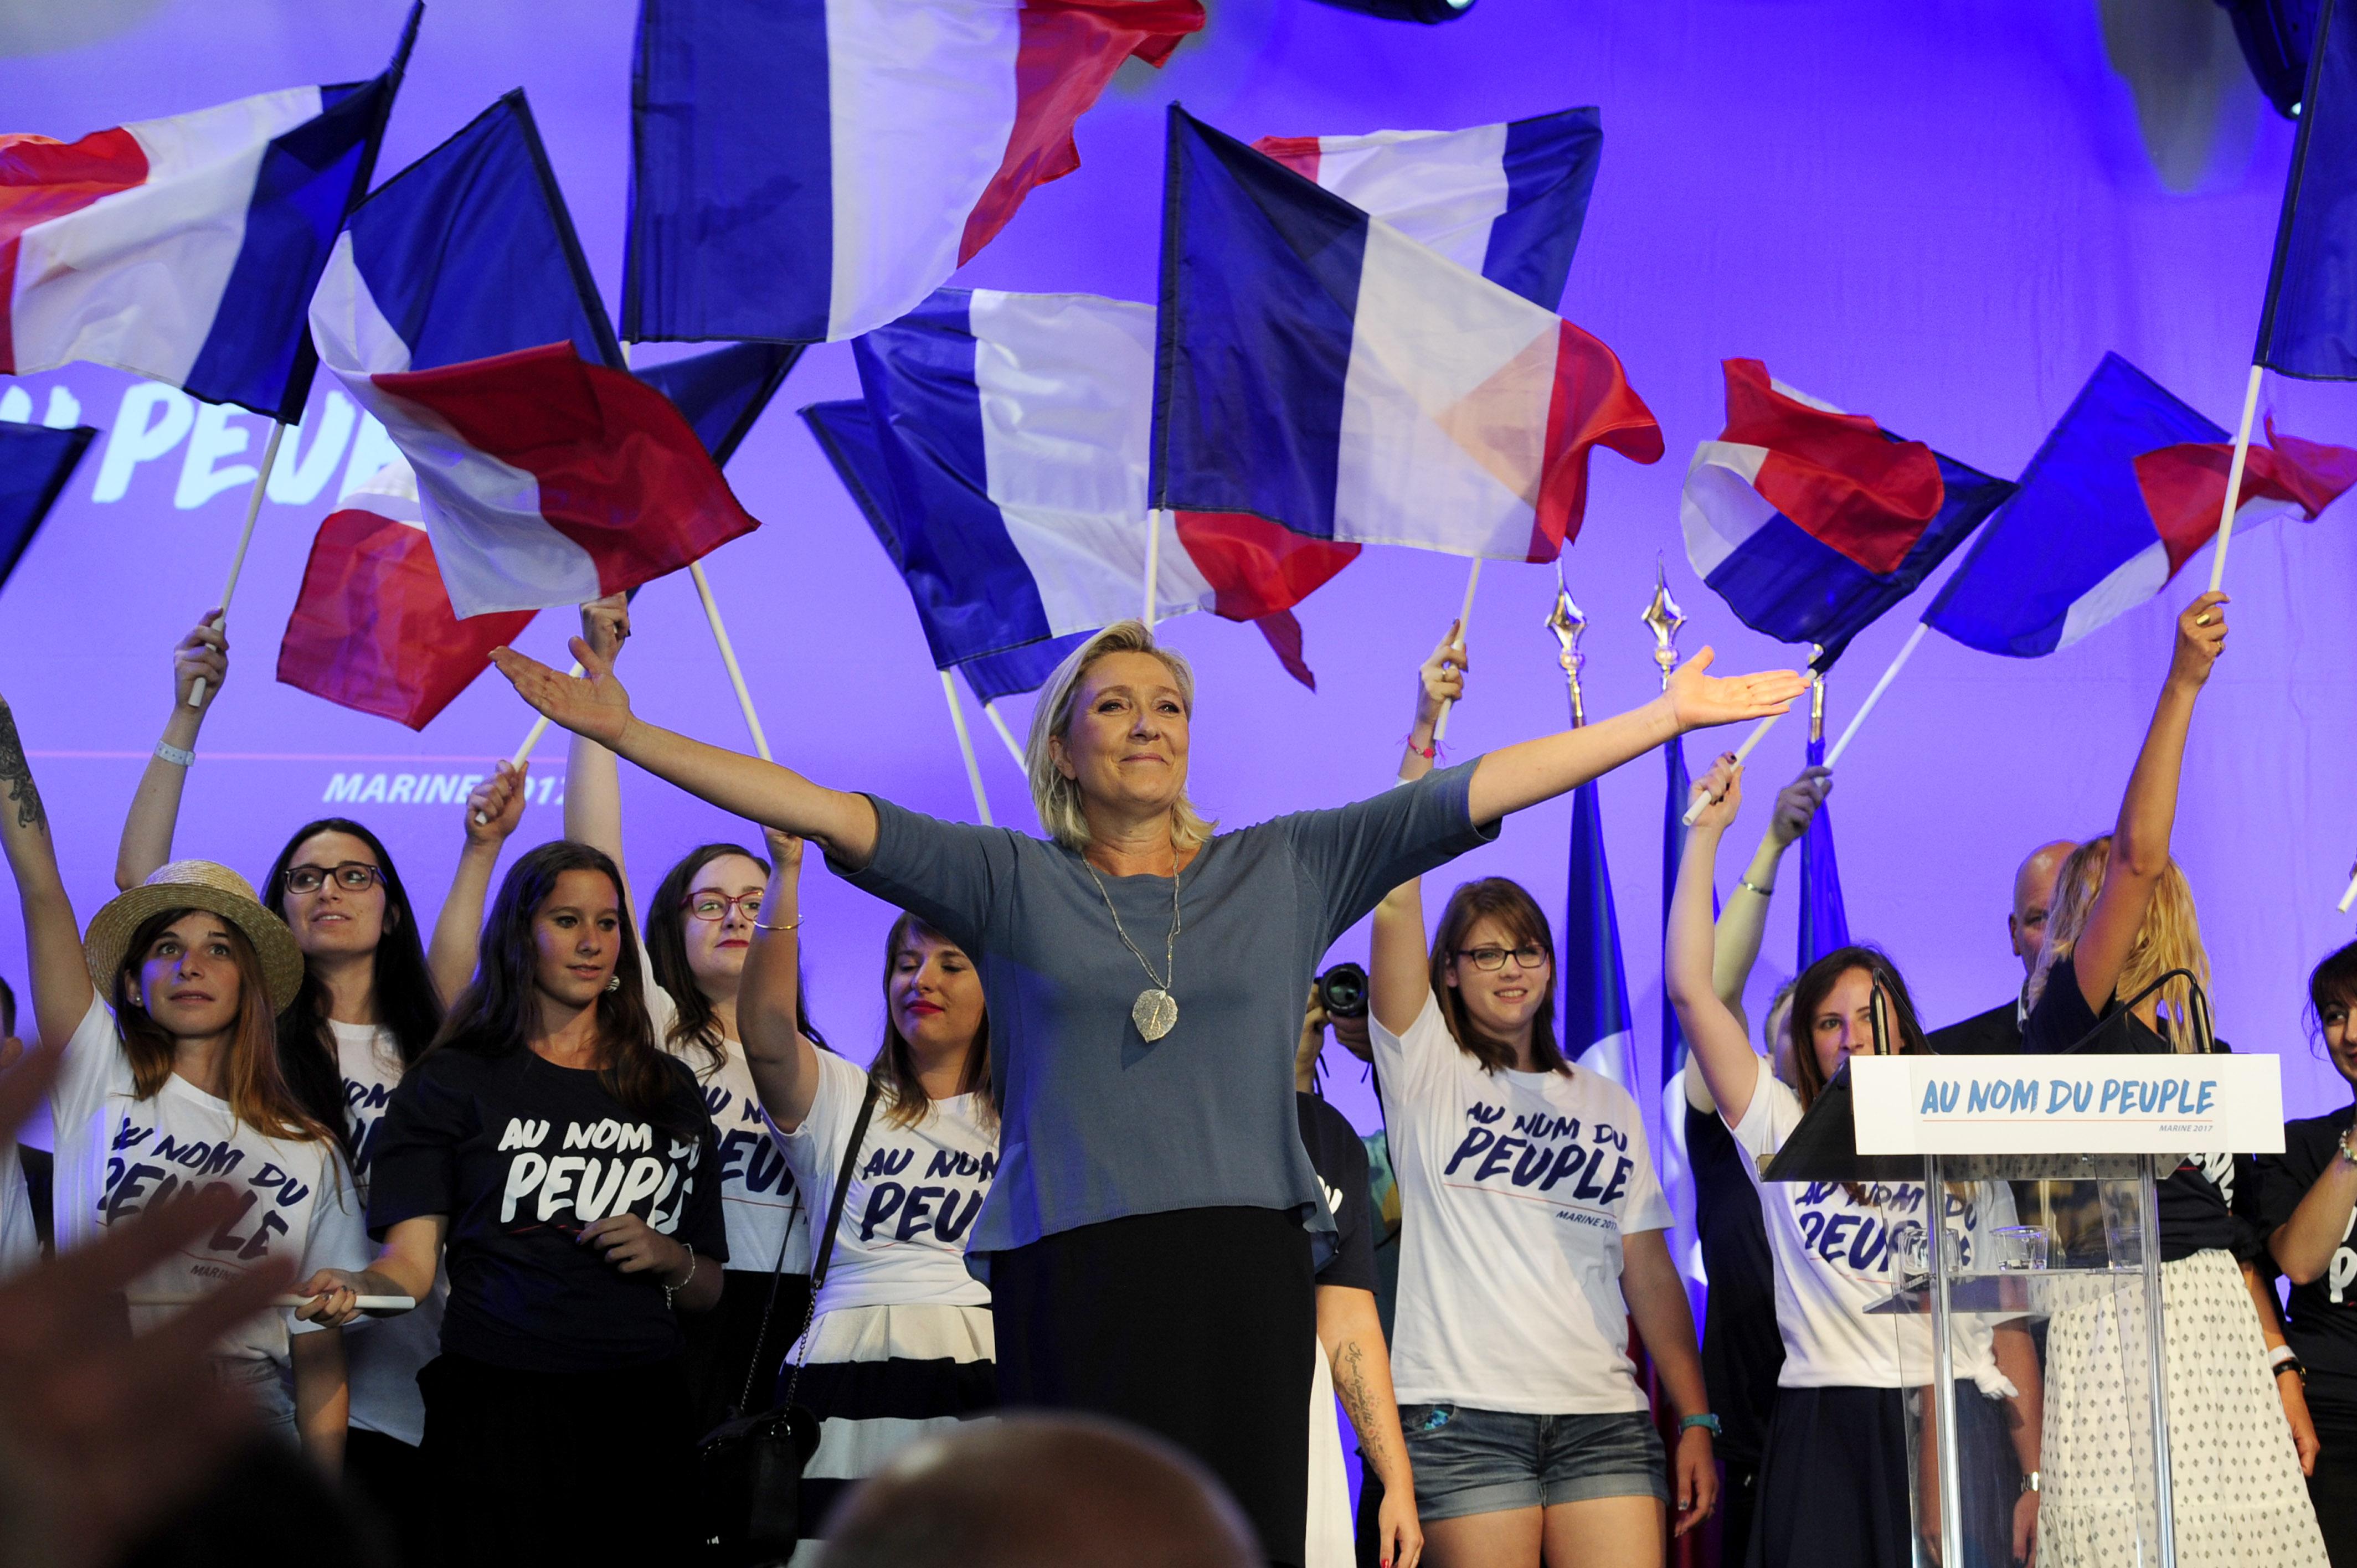 Pofont nem, maximum orrpöckölést kap az európai elit a francia elnökválasztáson